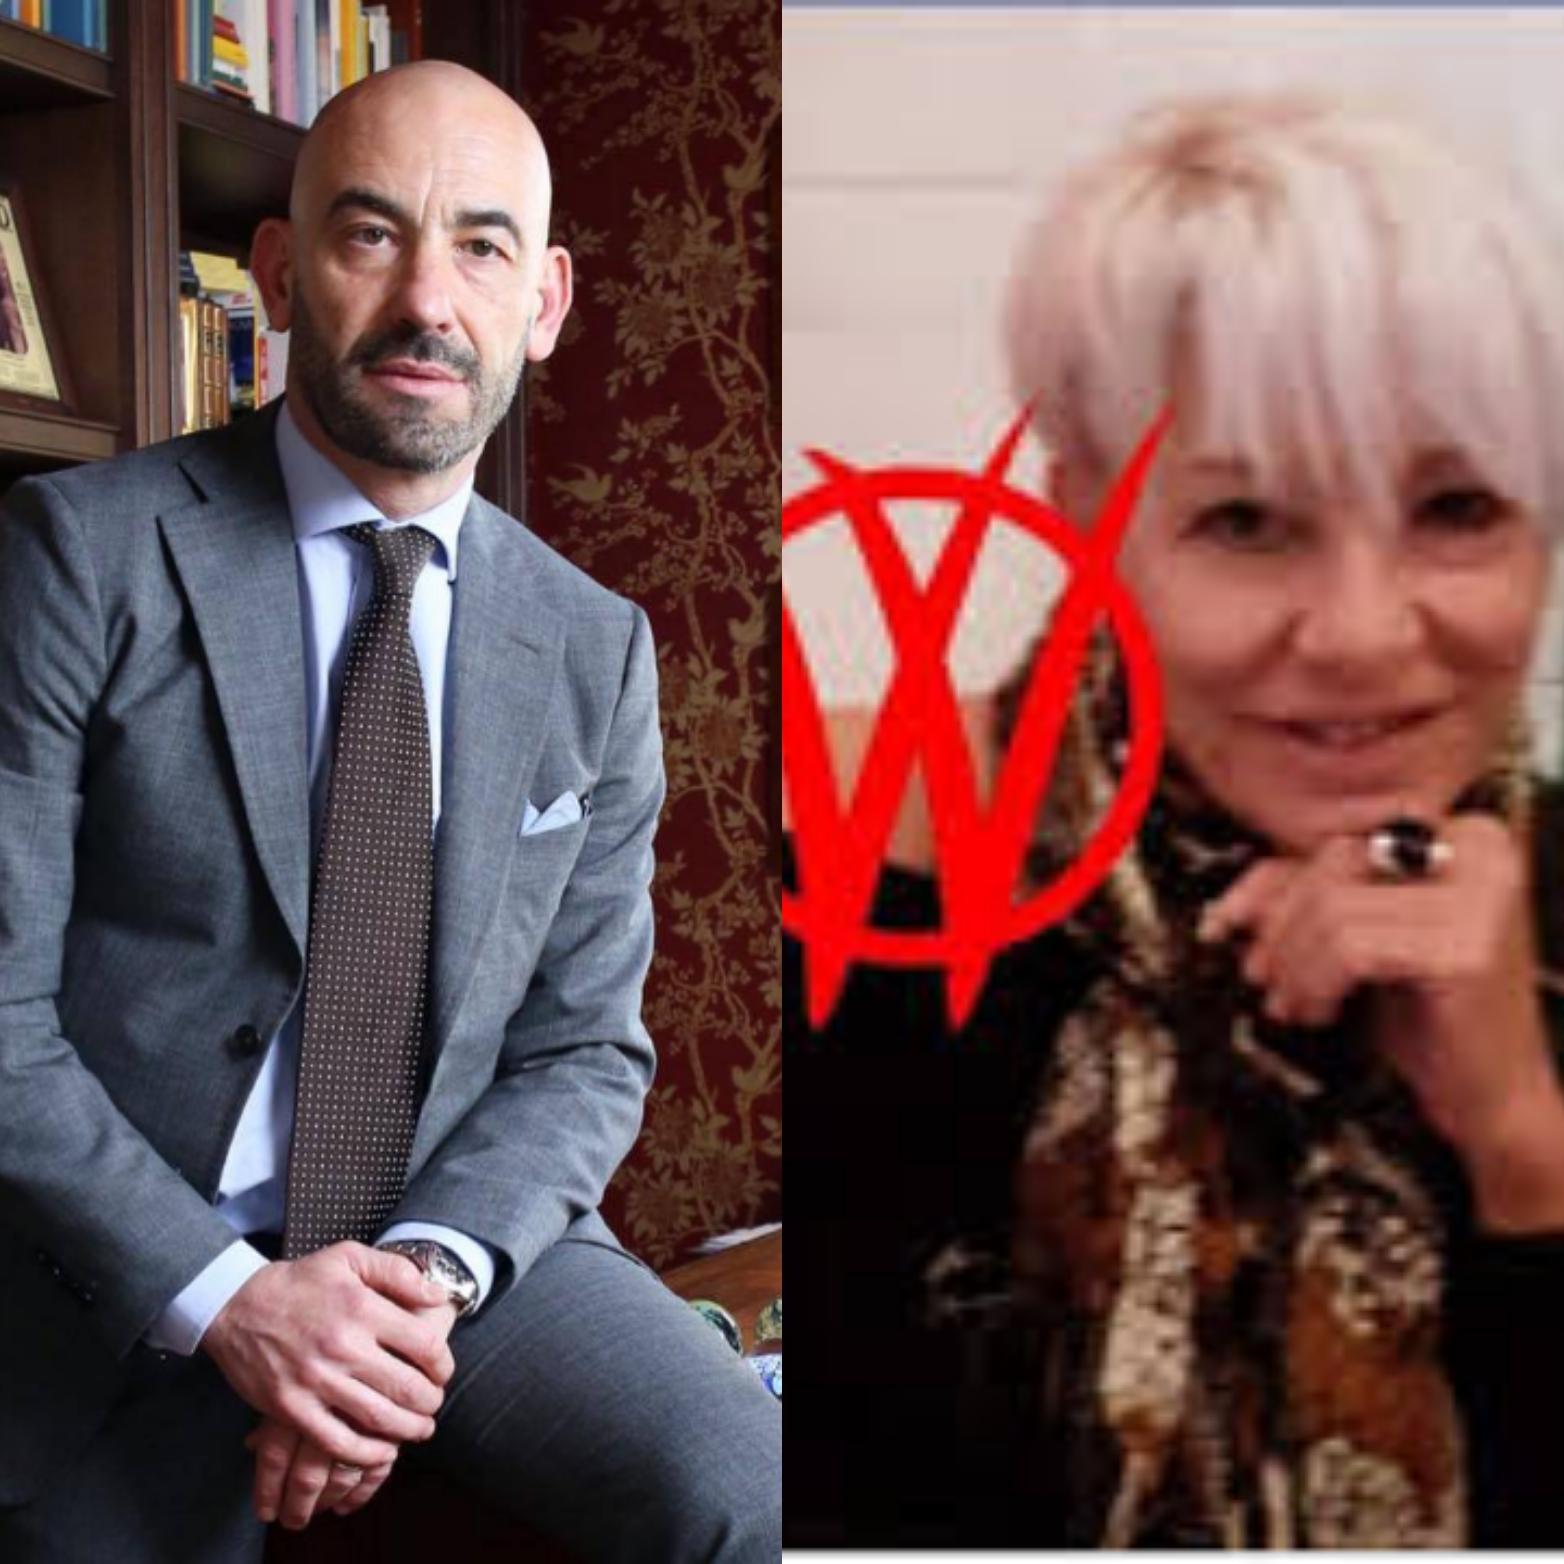 NONNA MAURA DURISSIMA SULLE PAROLE DEL SIGNOR BASSETTI!!!